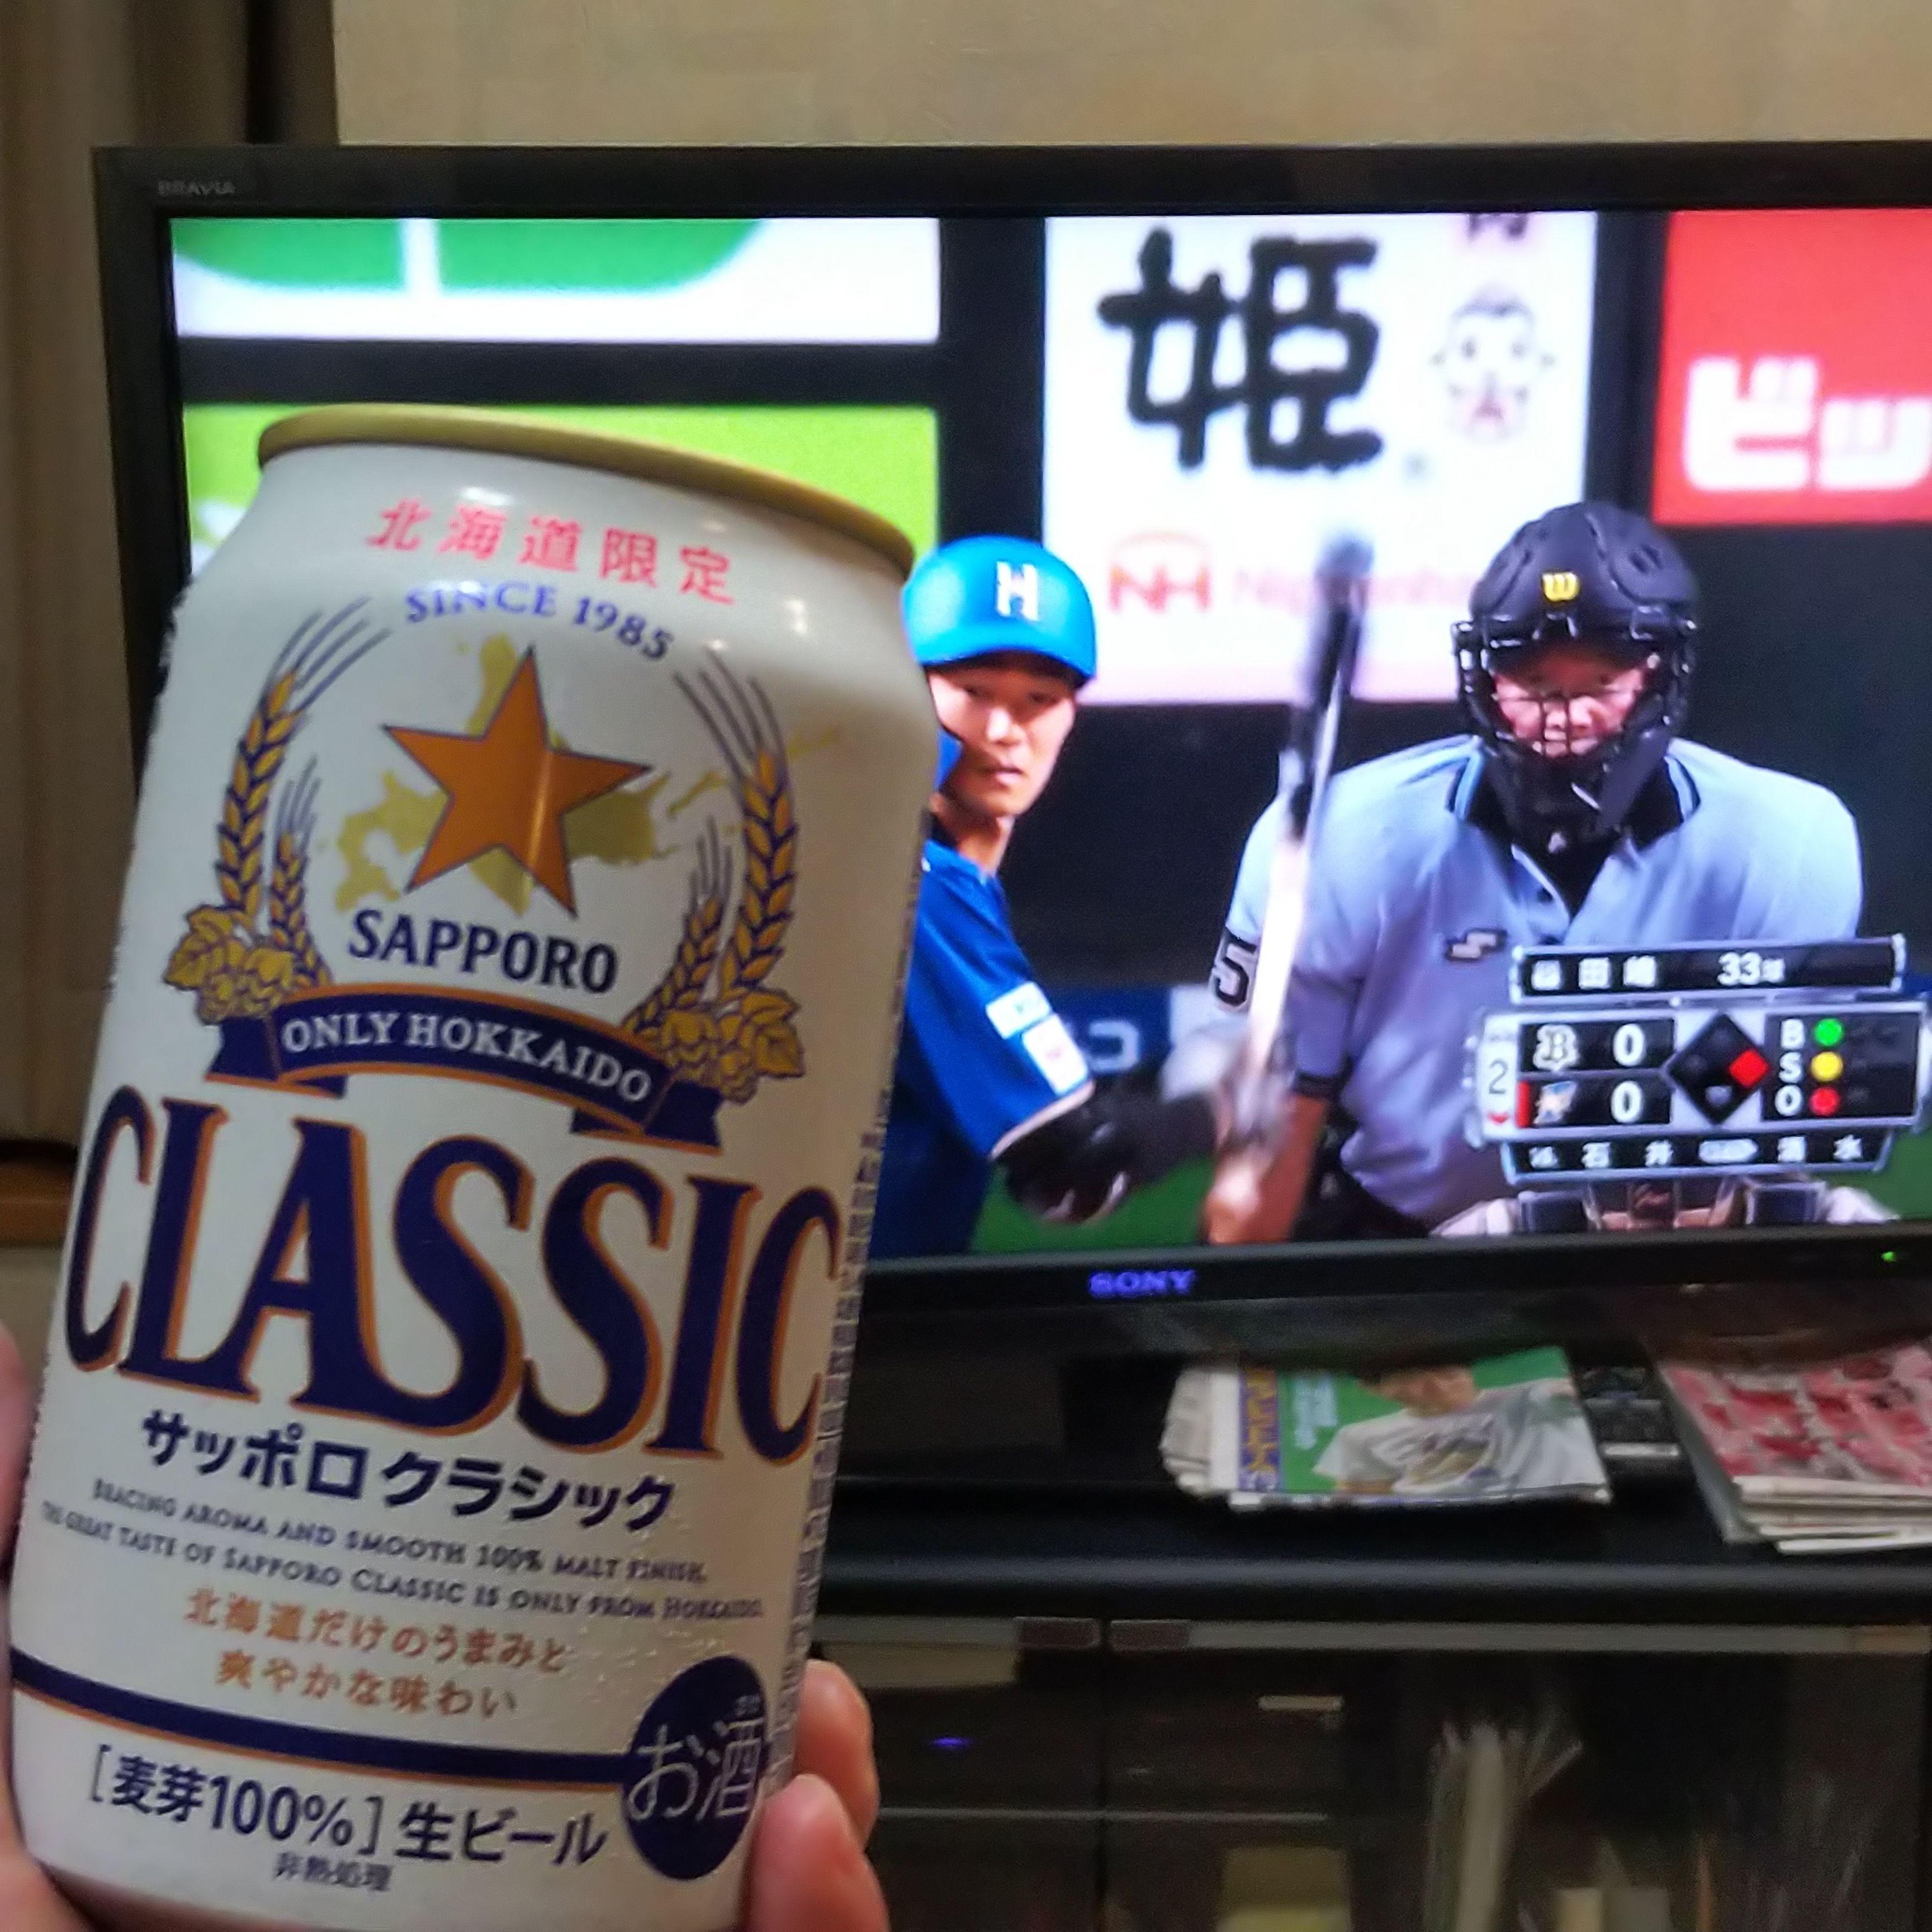 野球テレビ観戦&サッポロクラシック